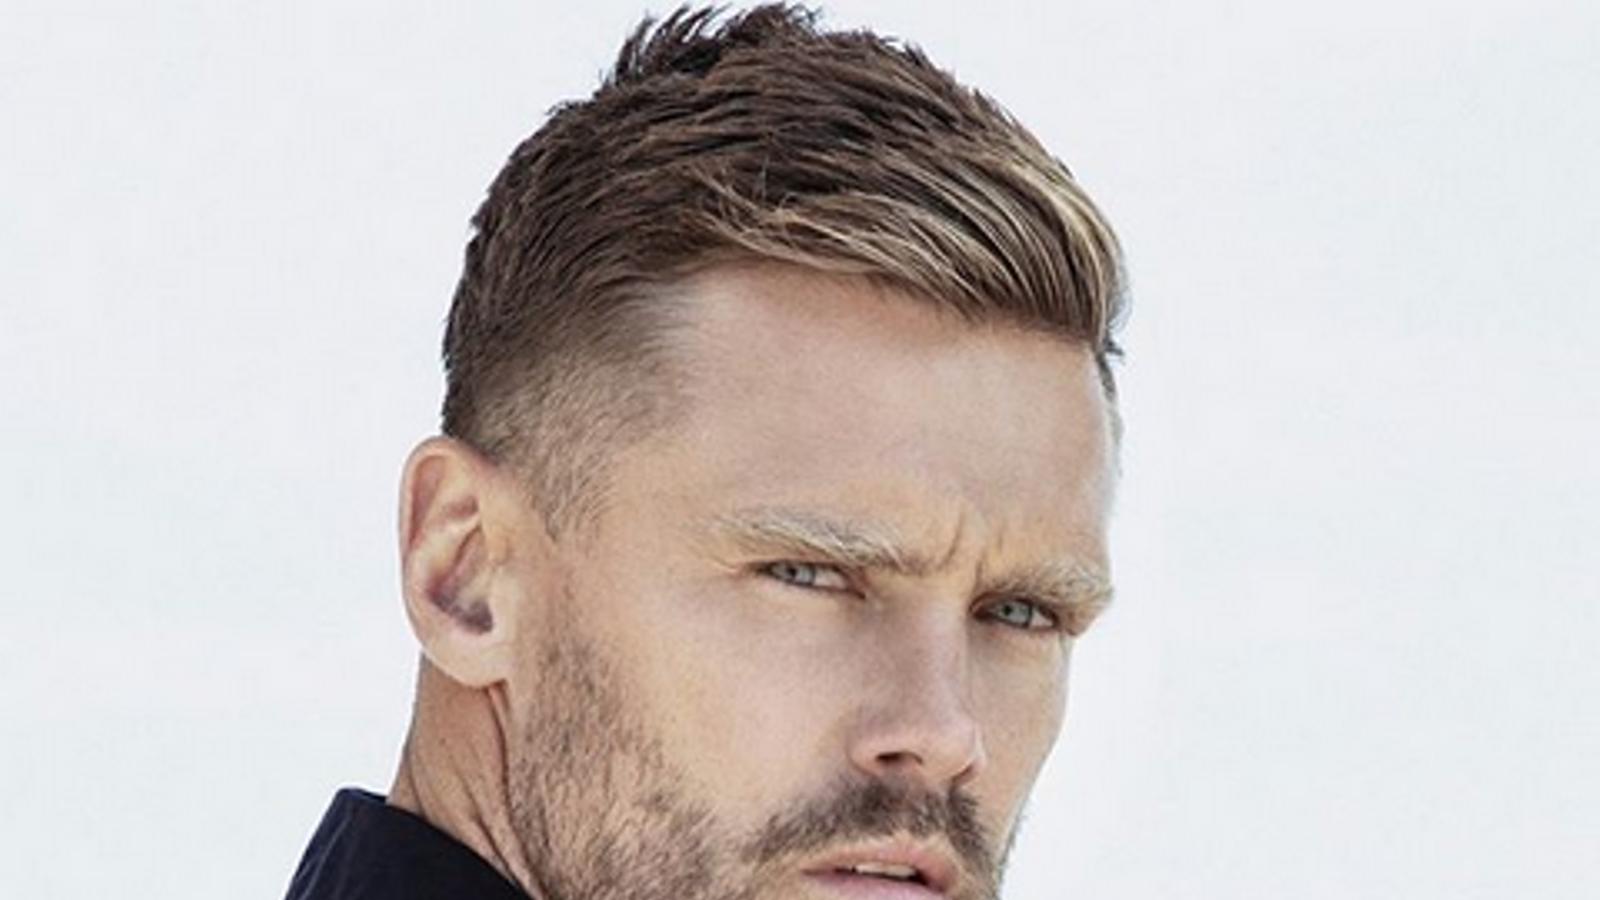 El model Nick Youngquest